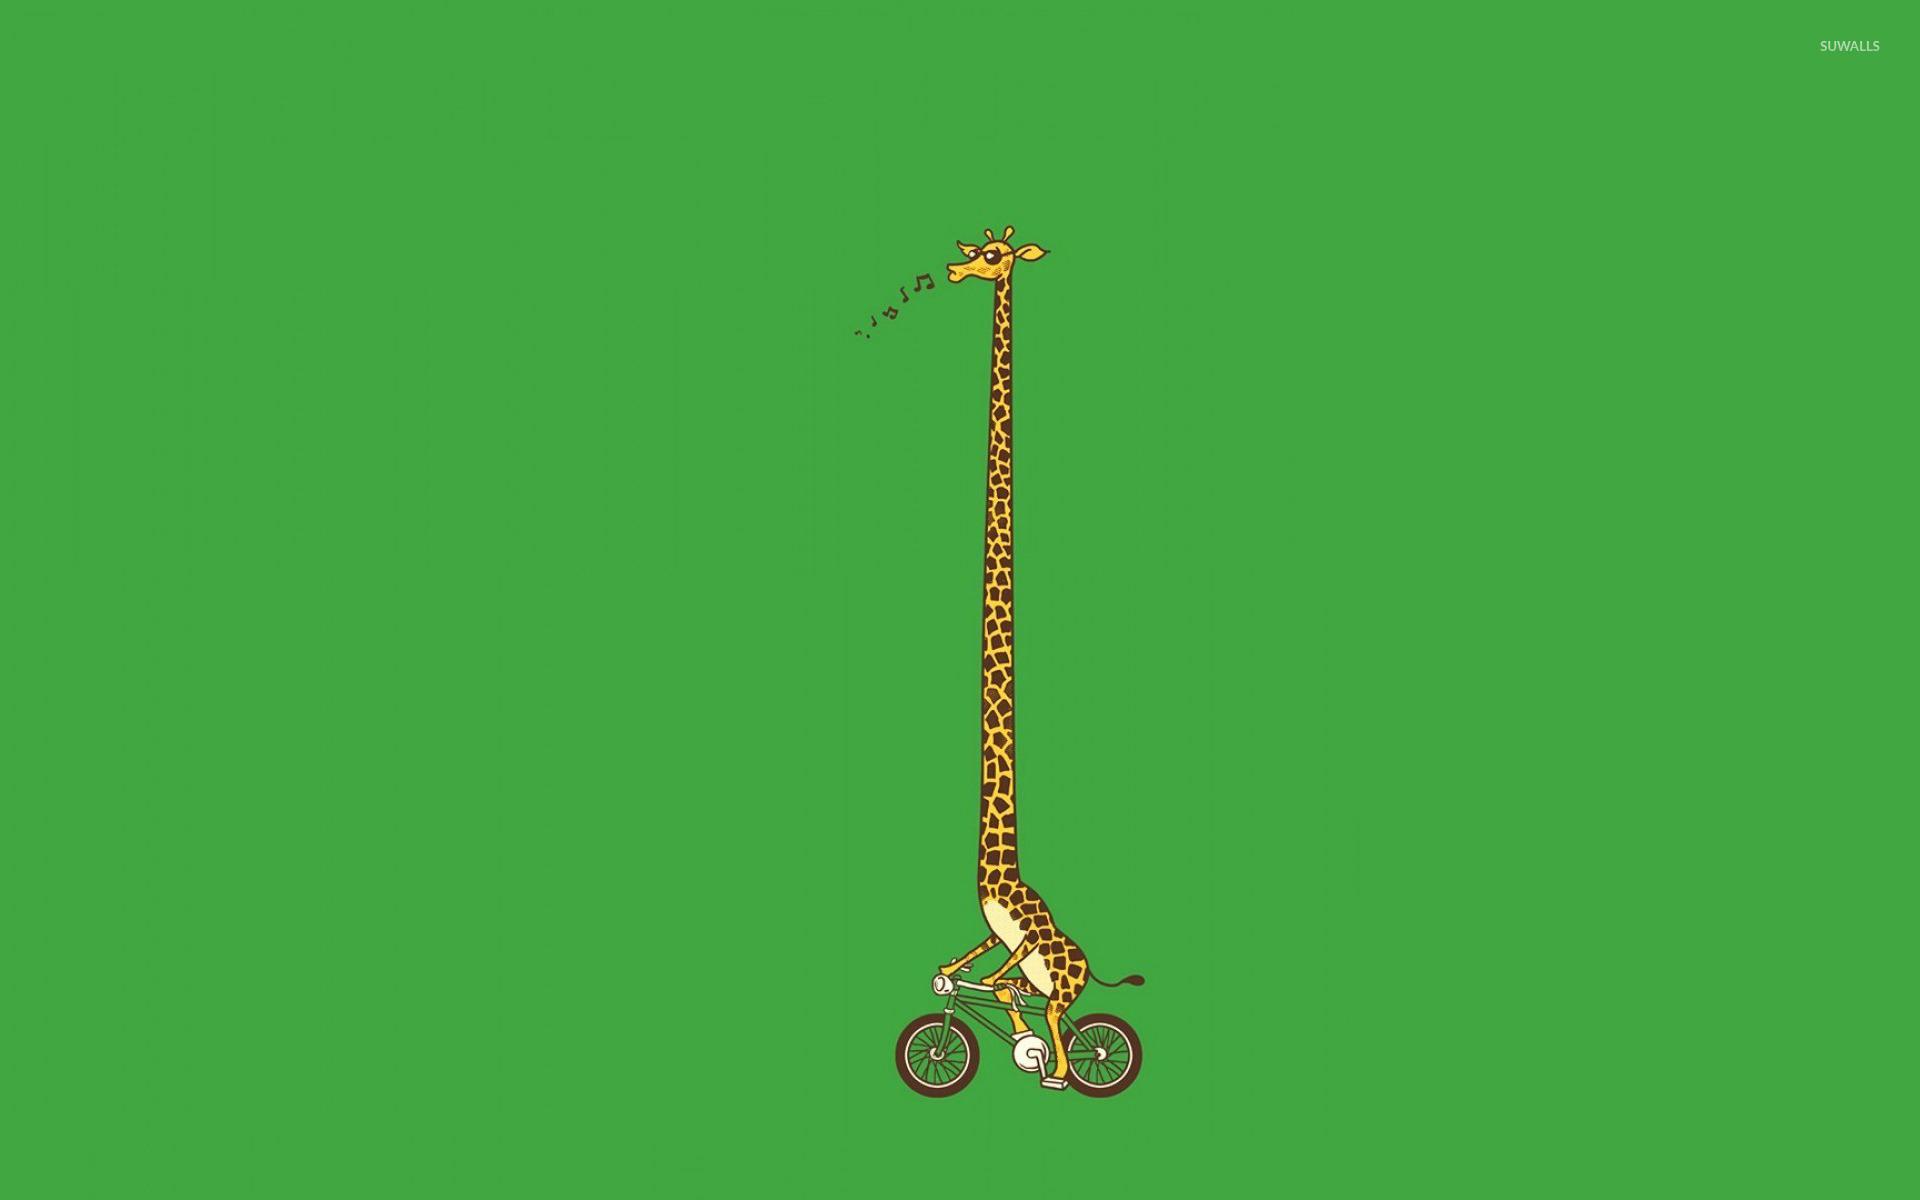 African Giraffe Wallpaper